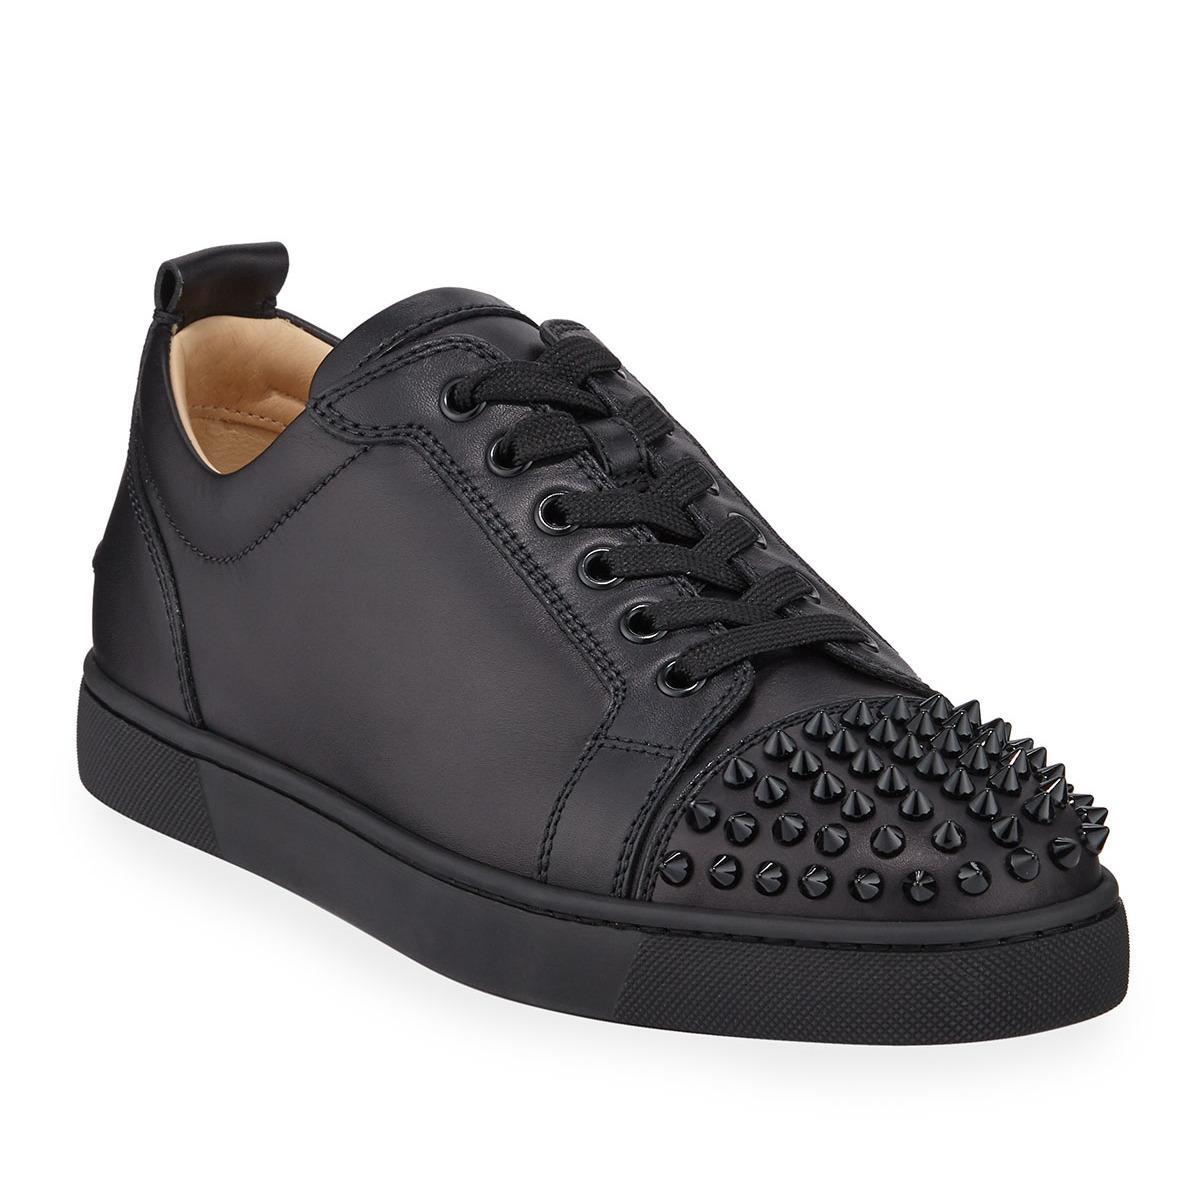 Sneakers Red Top Bas Spikes Flats Chaussures Hommes Femmes en cuir suédé chaussures de sport Chaussures Soirée